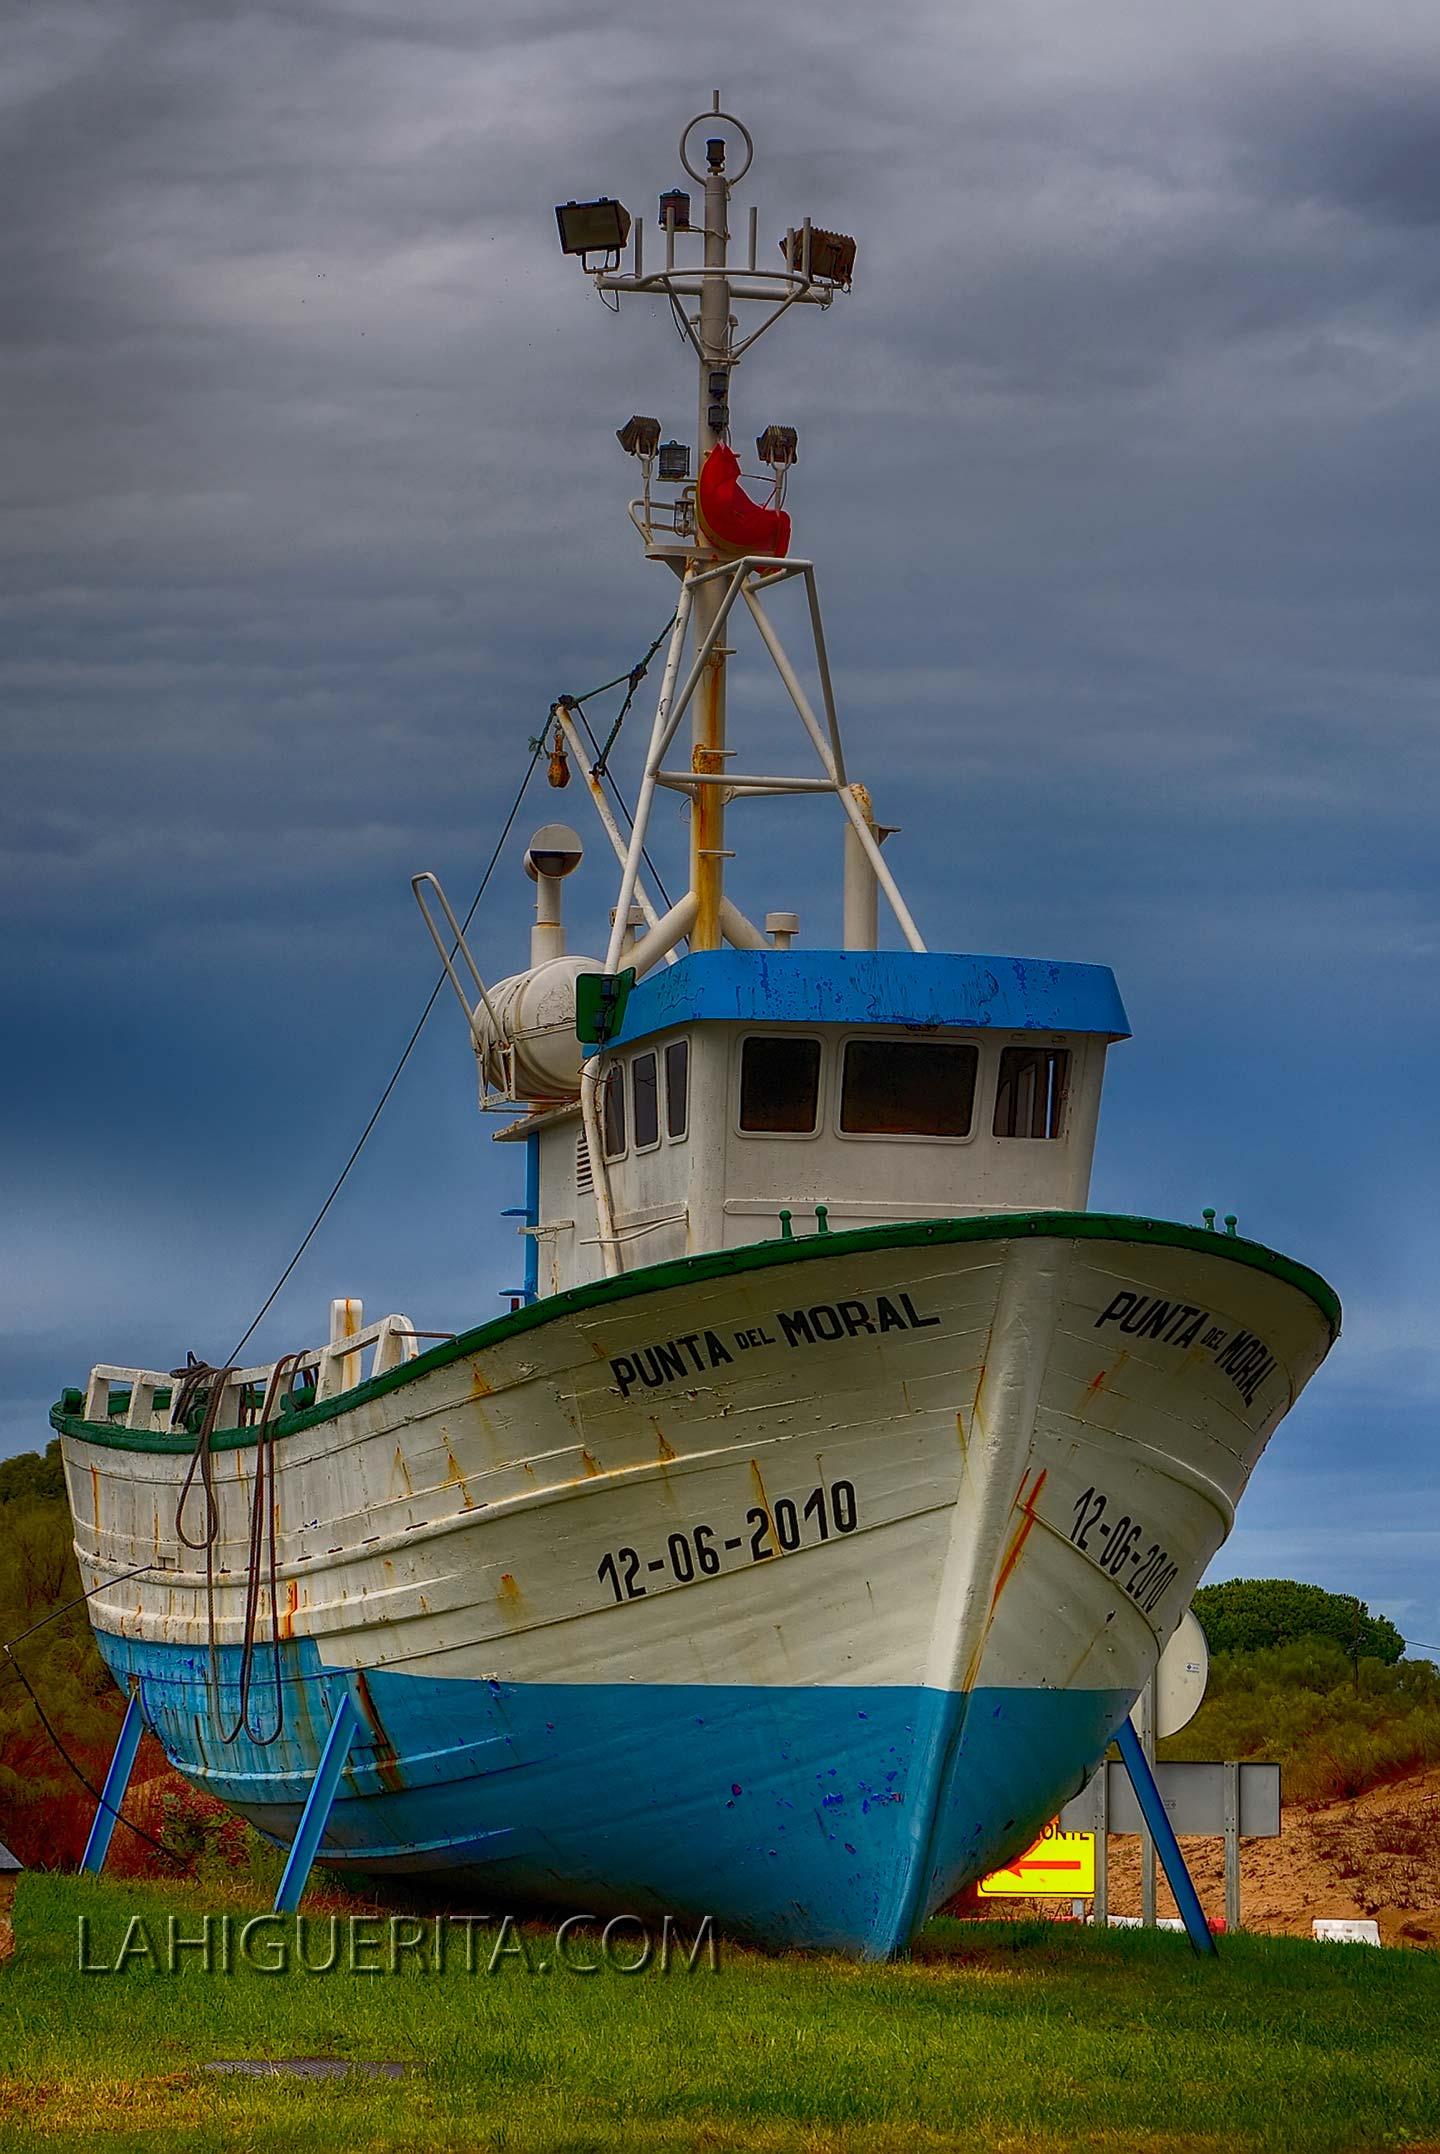 Punta del moral y canela _DSC4681